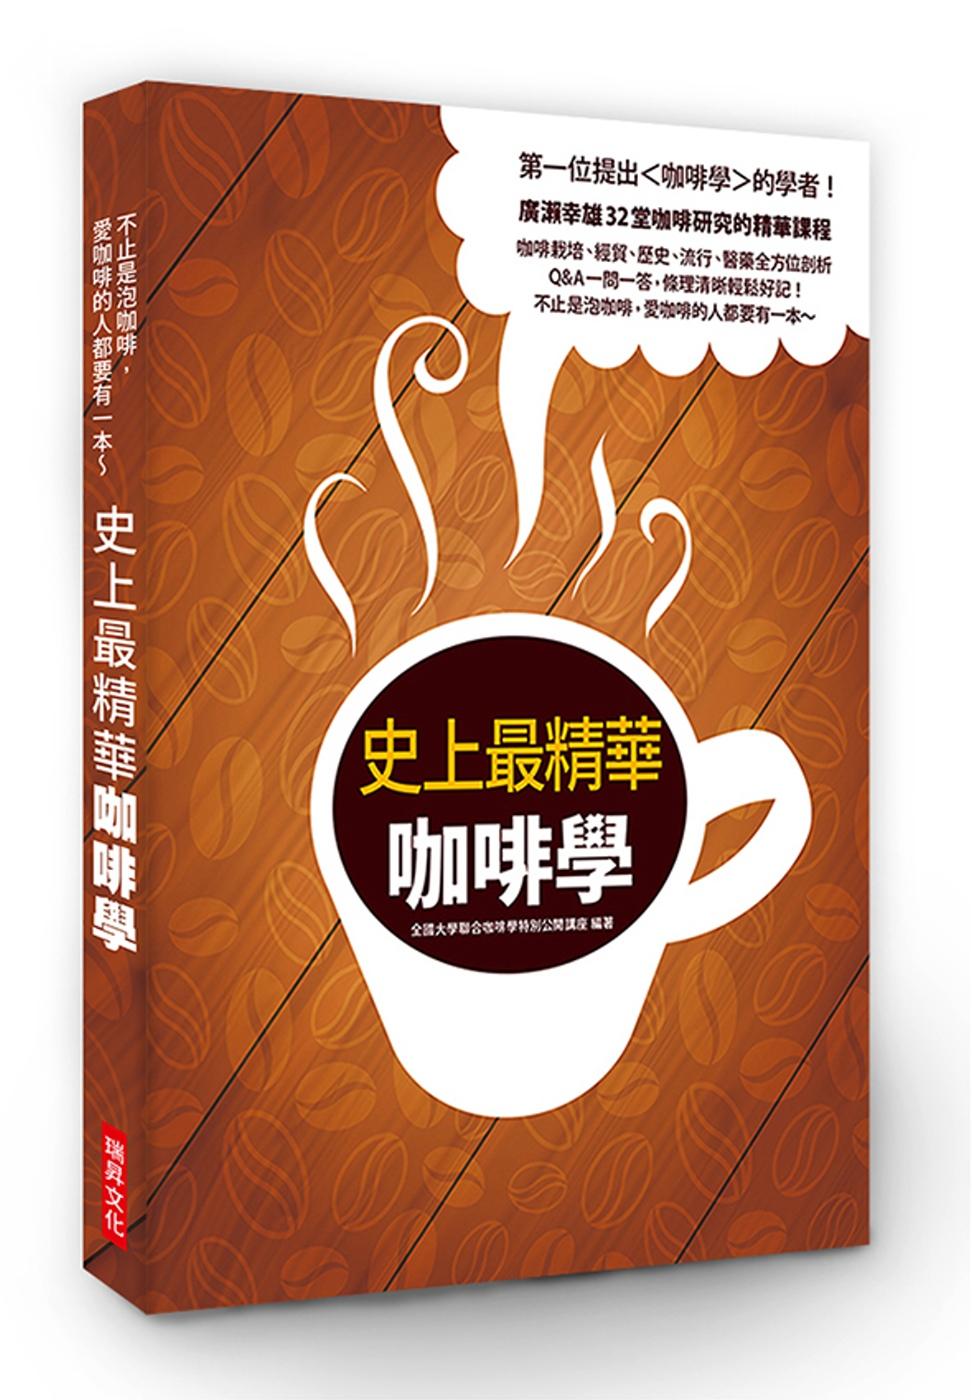 史上最精華咖啡學:第一位提出 咖啡學 的學者!廣瀨幸雄32堂咖啡研究的精華課程,咖啡栽培、